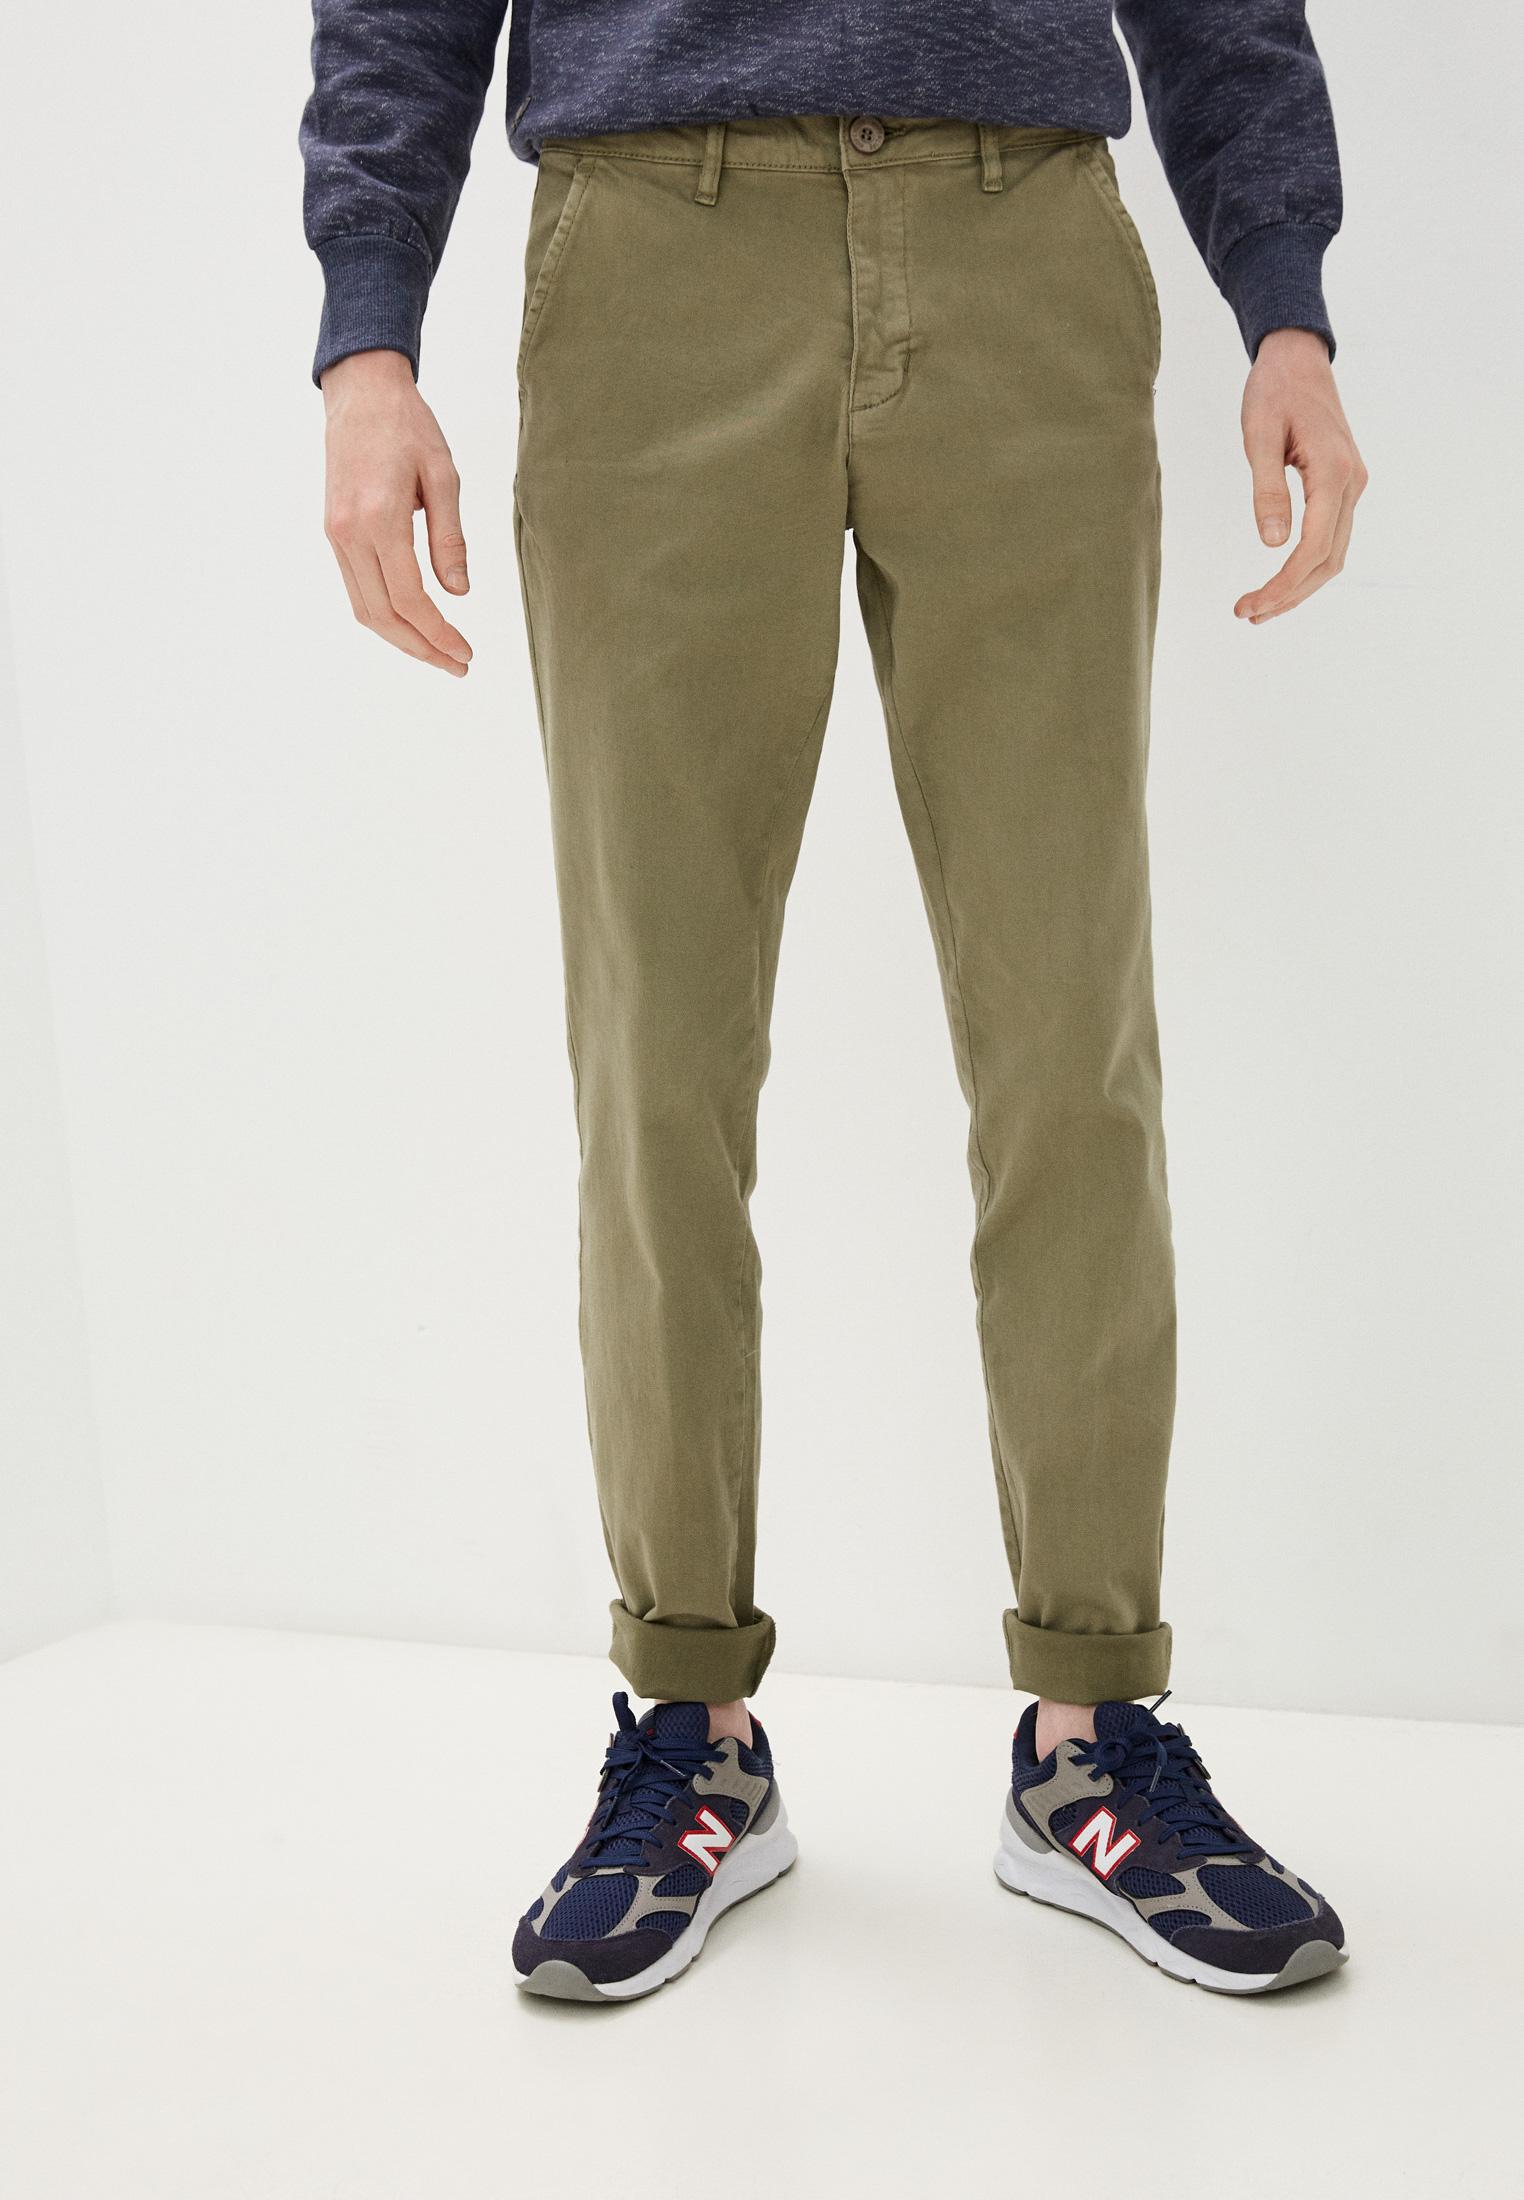 Мужские повседневные брюки Hopenlife Брюки Hopenlife